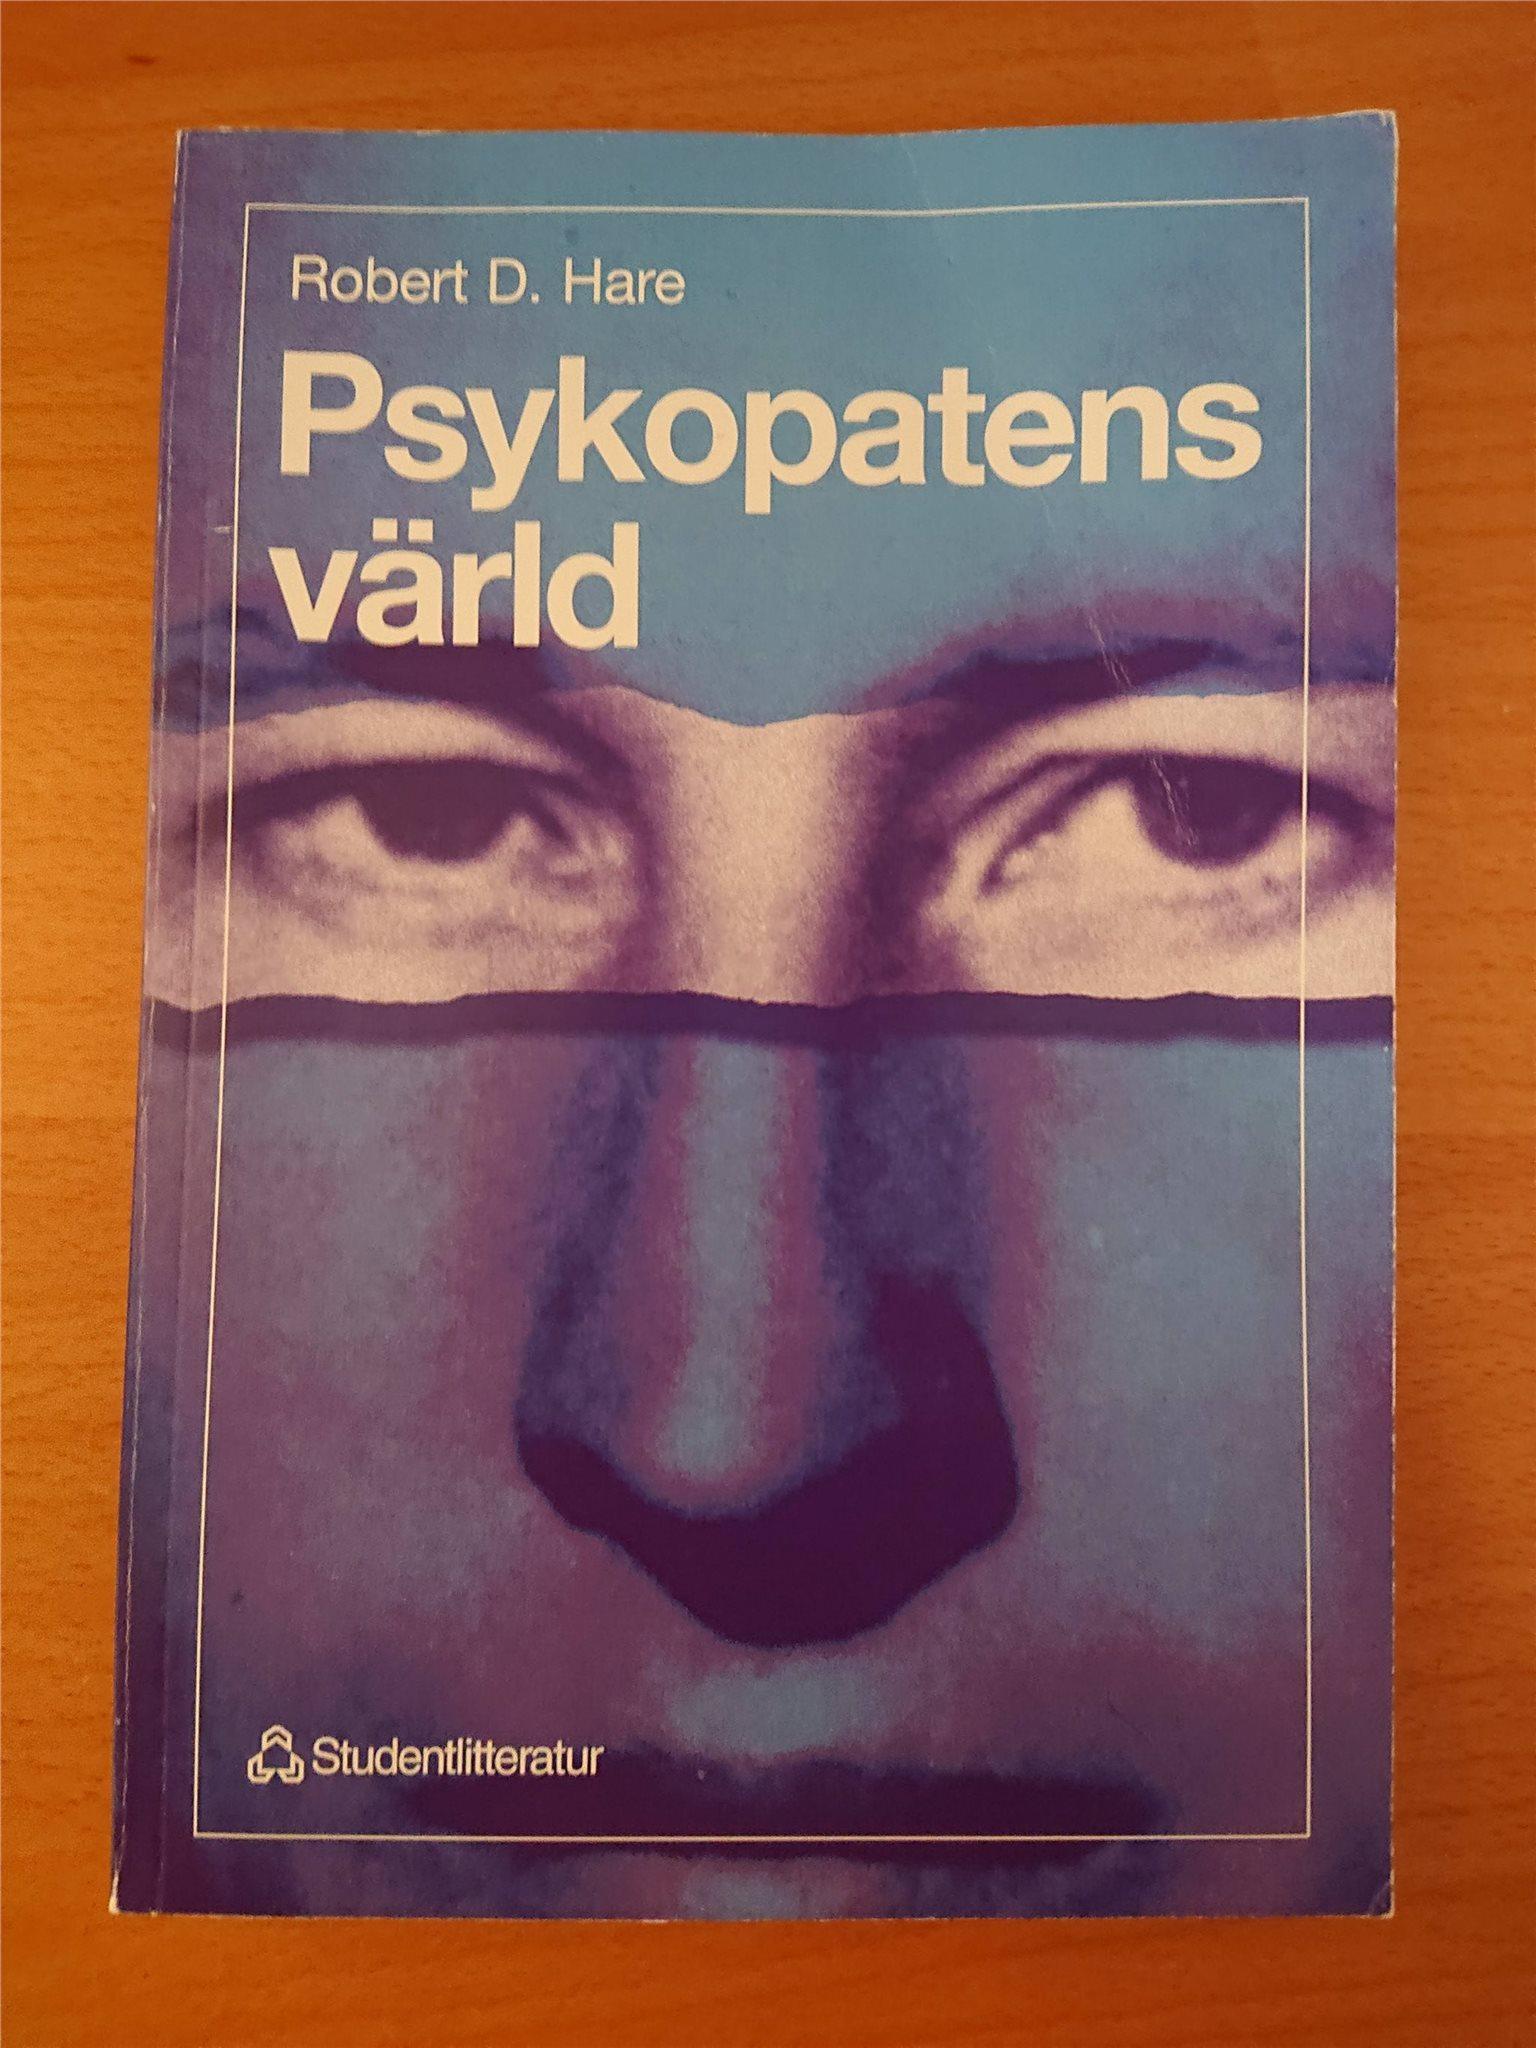 Psykopatens Värld, Utan samvete - Robert D. Hare. Psykopater, sociopater